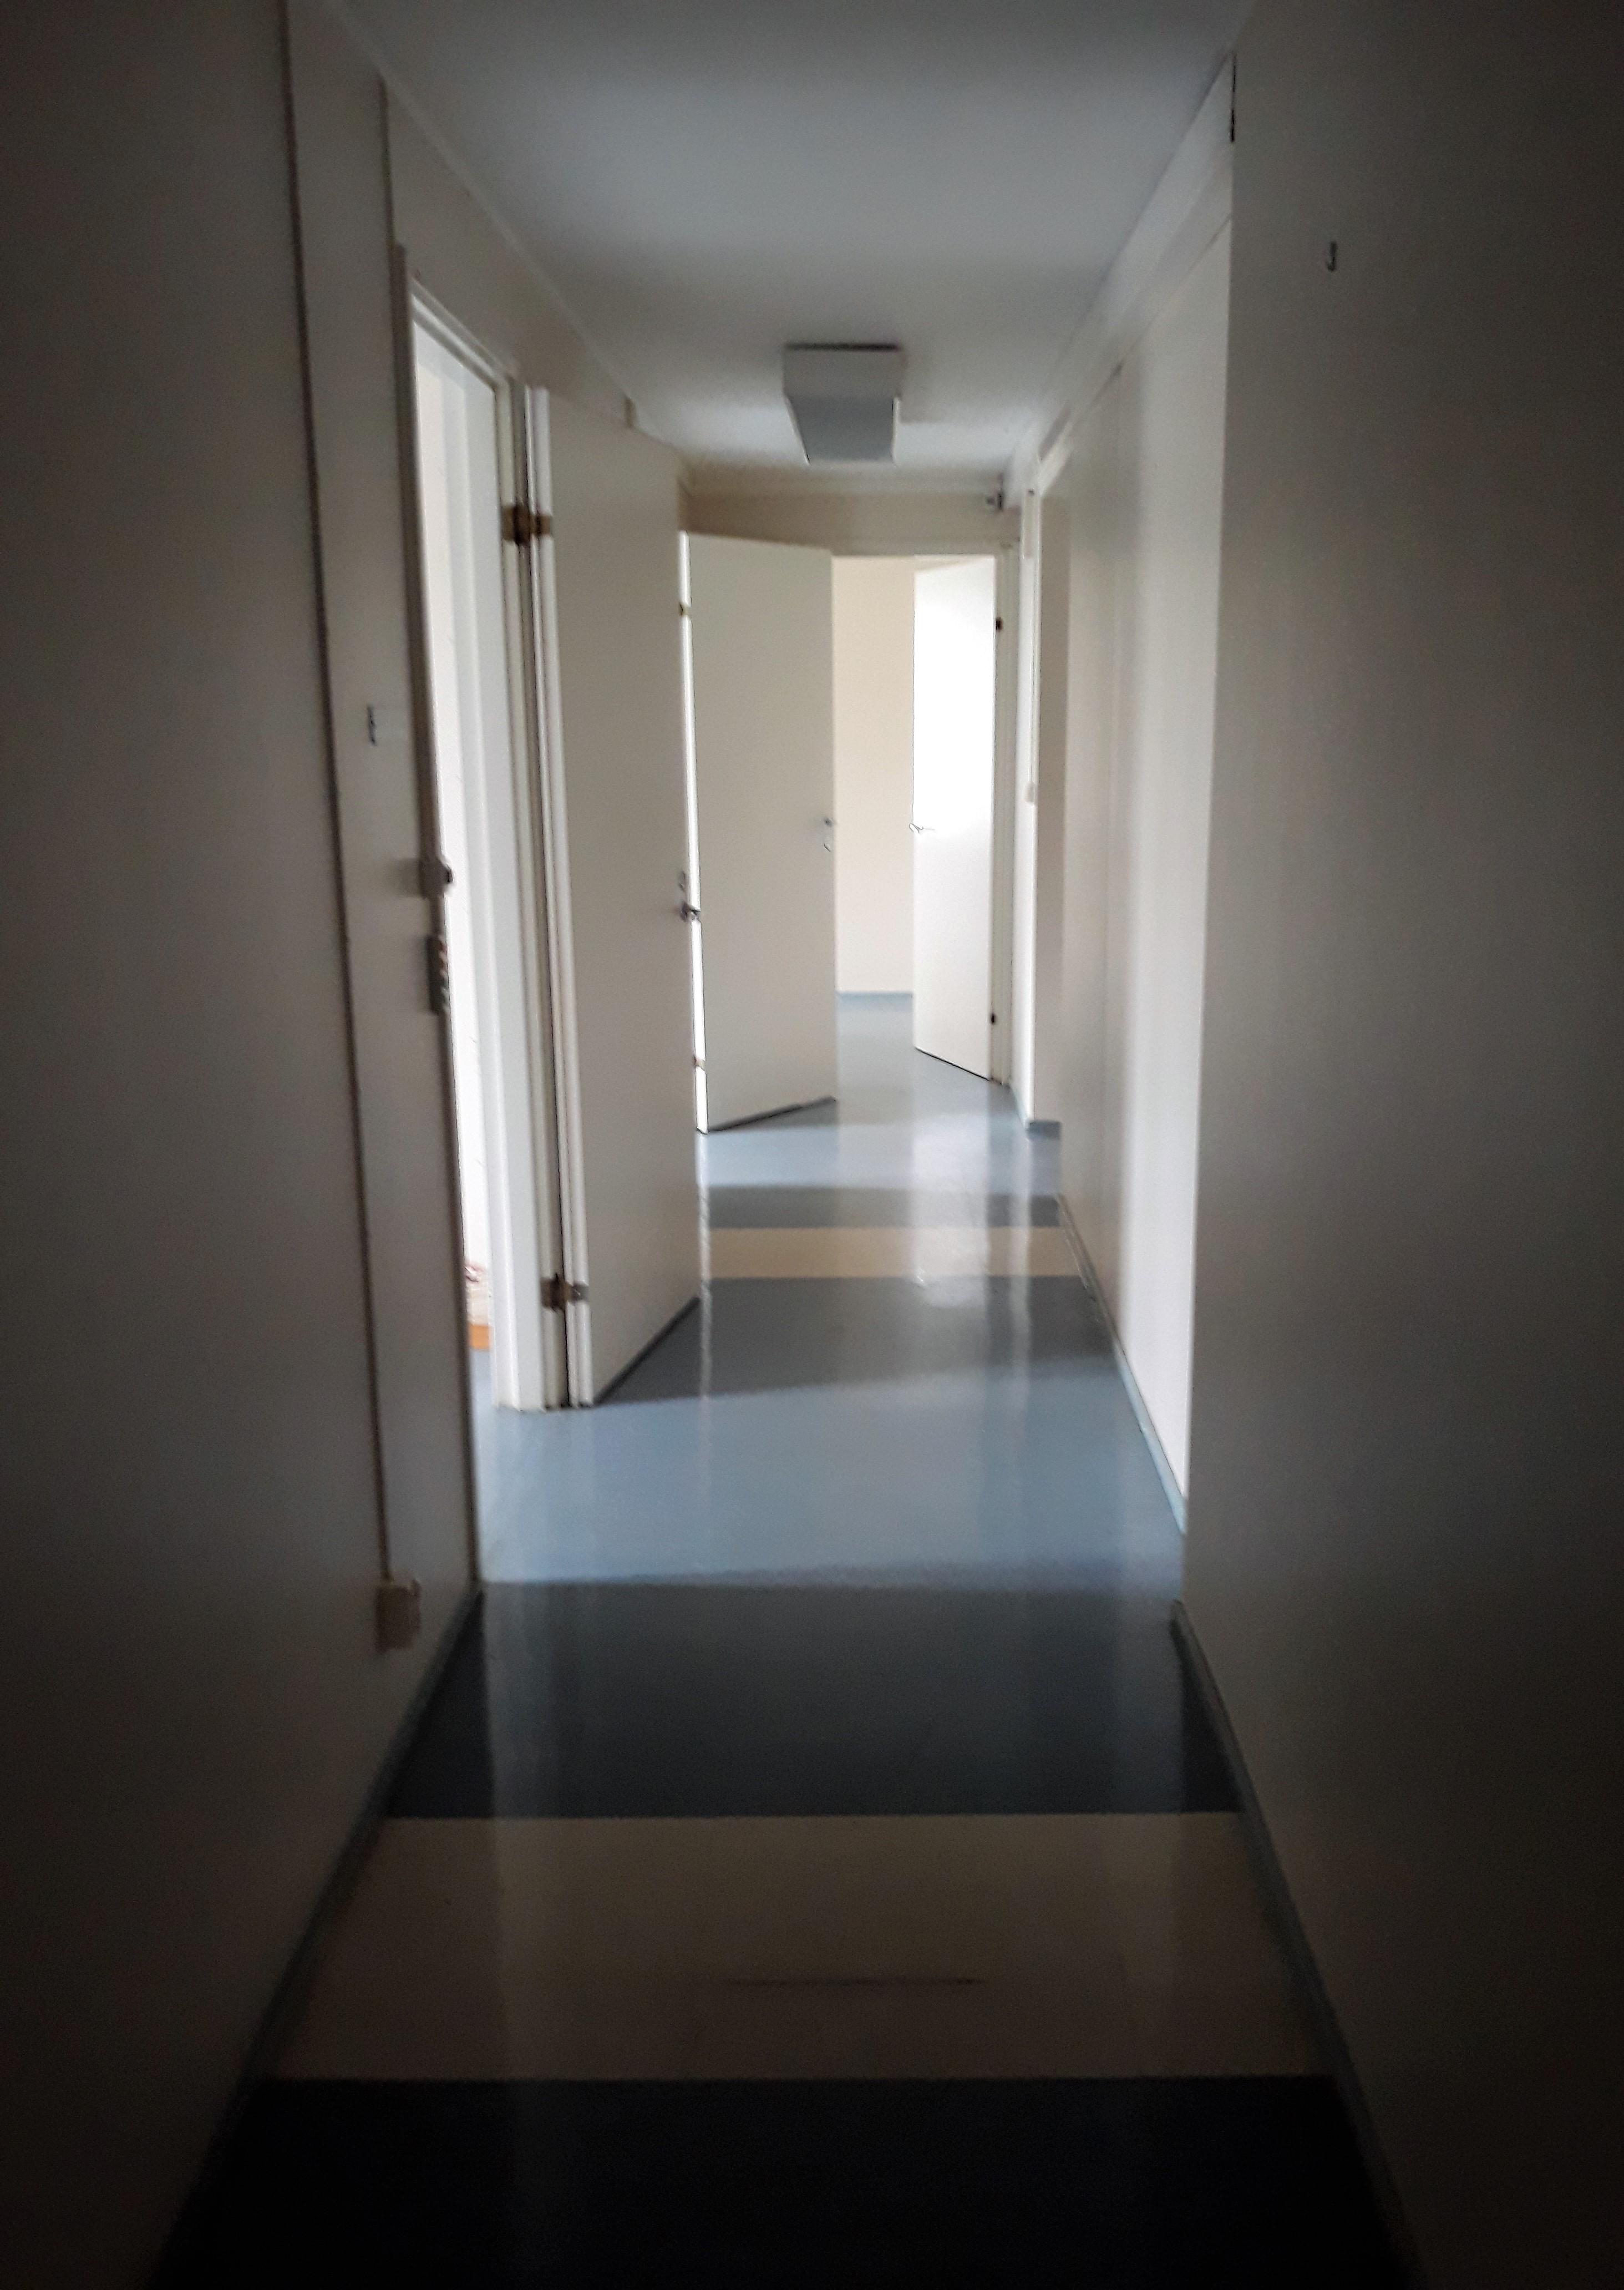 käytävä läpi talon